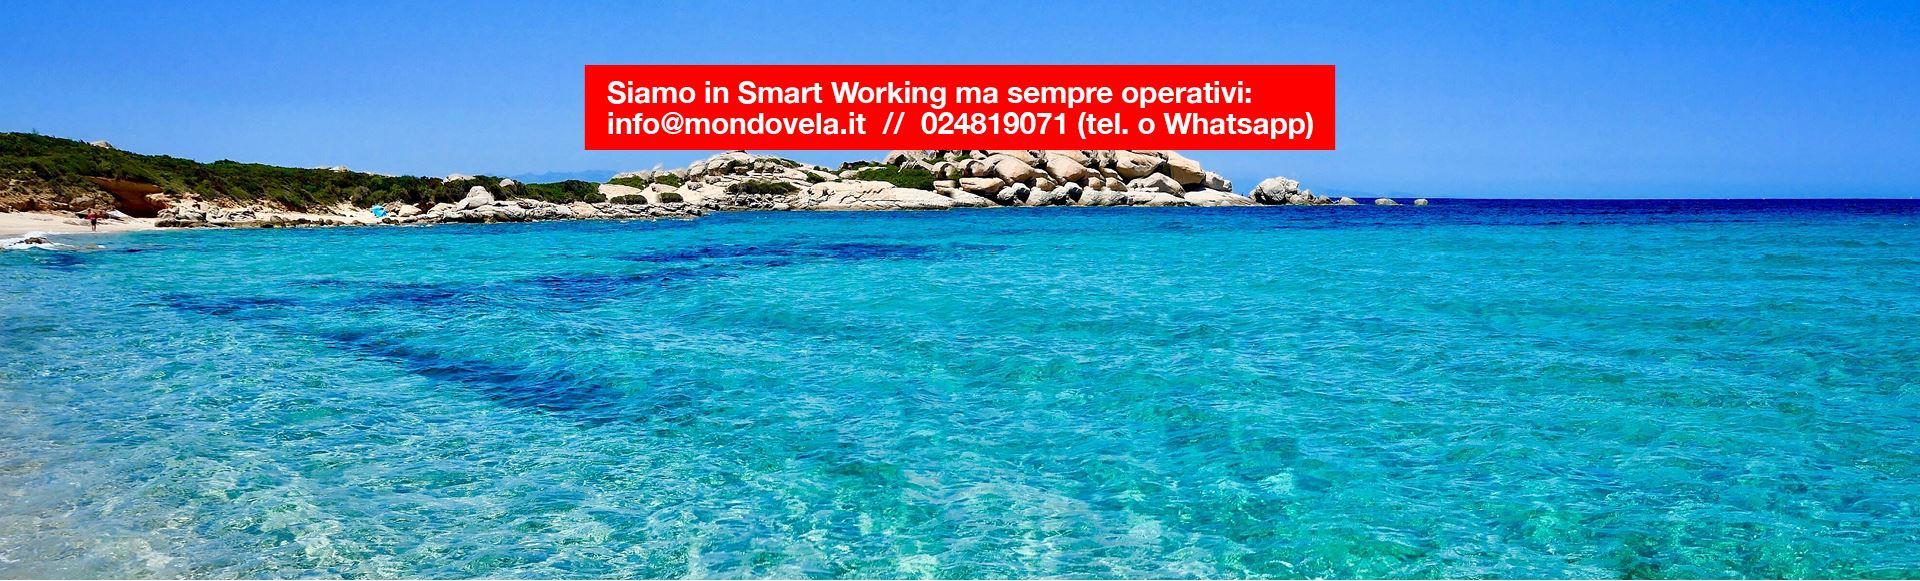 Splendido panorama alle Seychelle durante una vacanza in barca a vela, a dicembre. Siamo in  Smart Working, ma operativi.